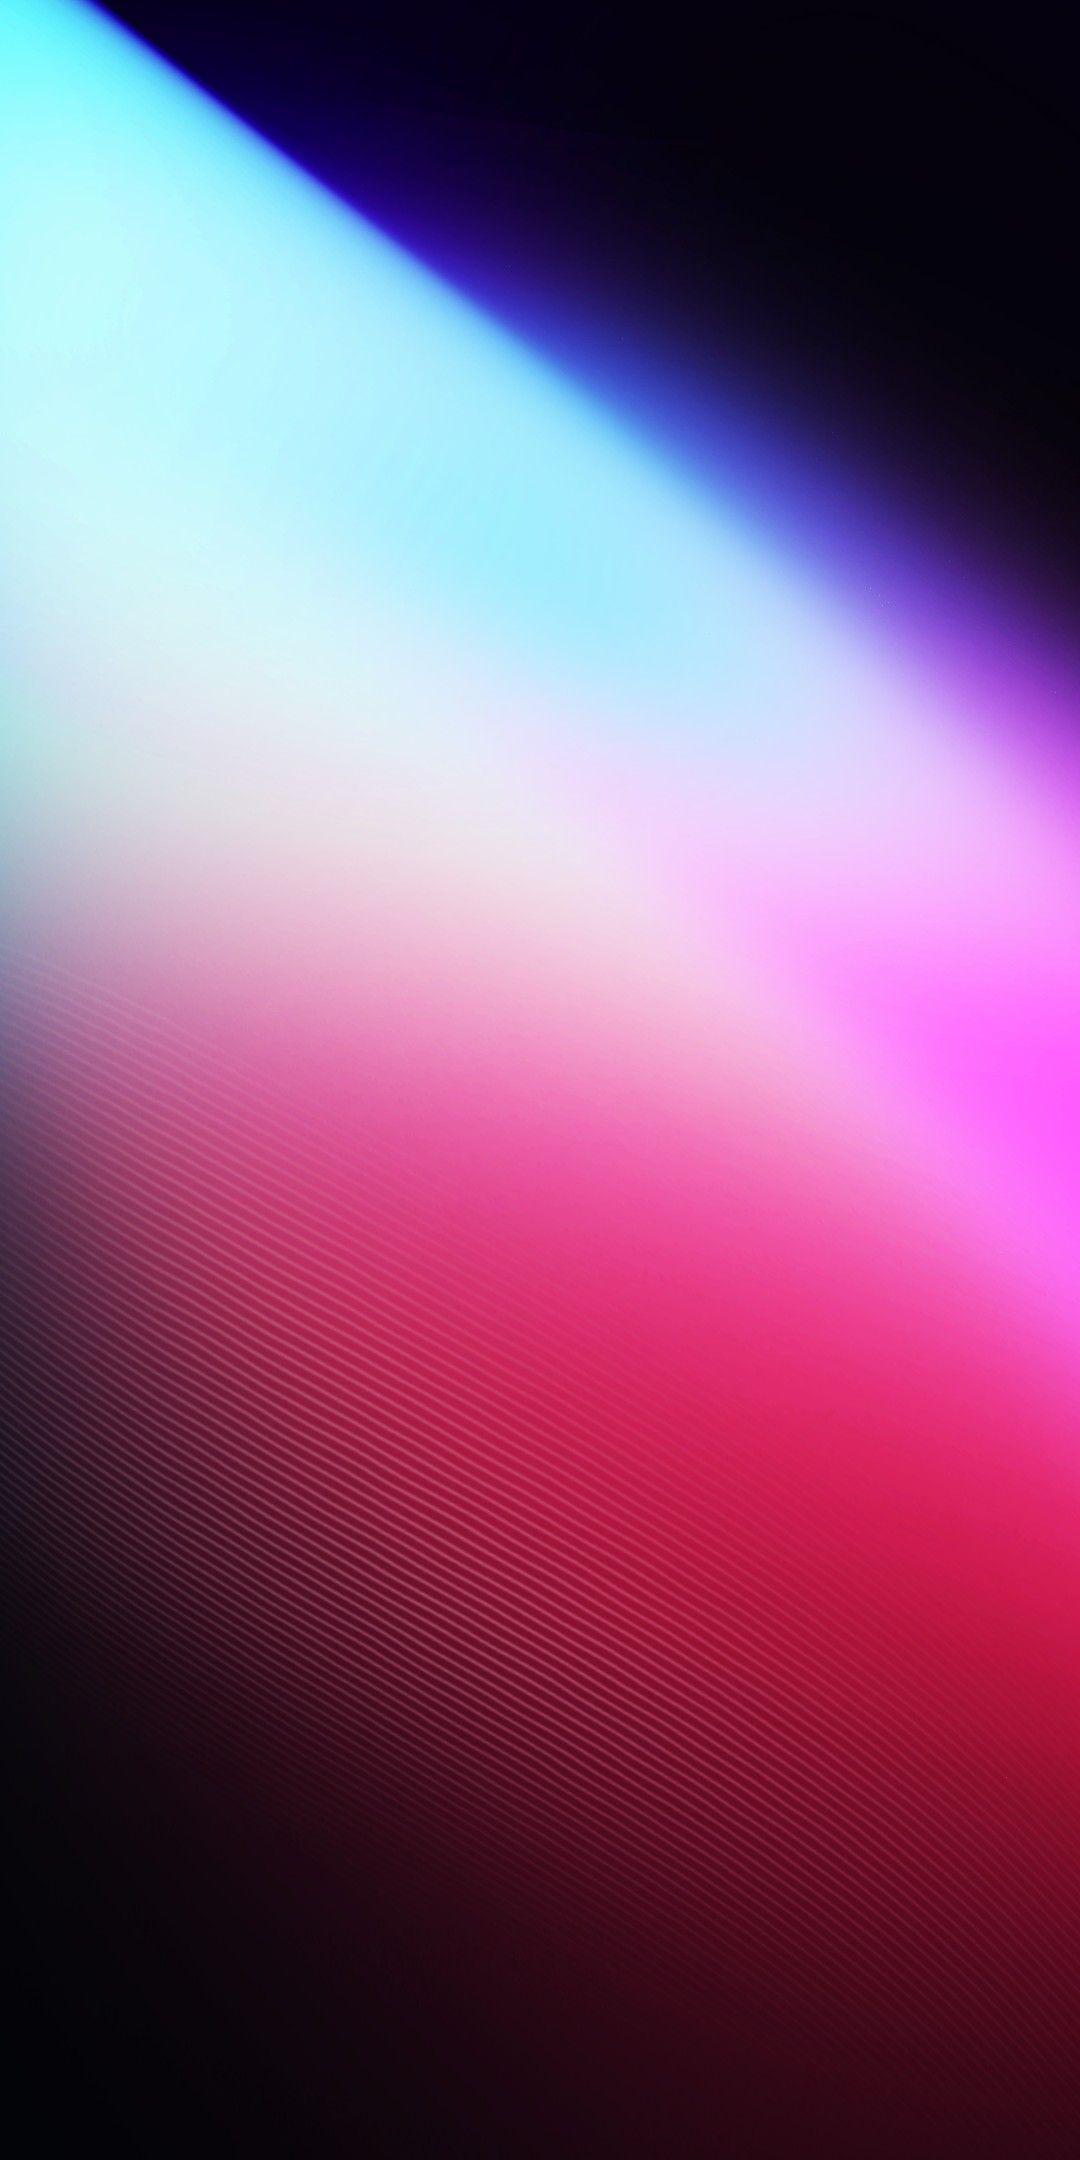 Обои wallpaper, Xperia, stock, experience, z3, sony, orange. Абстракции foto 18